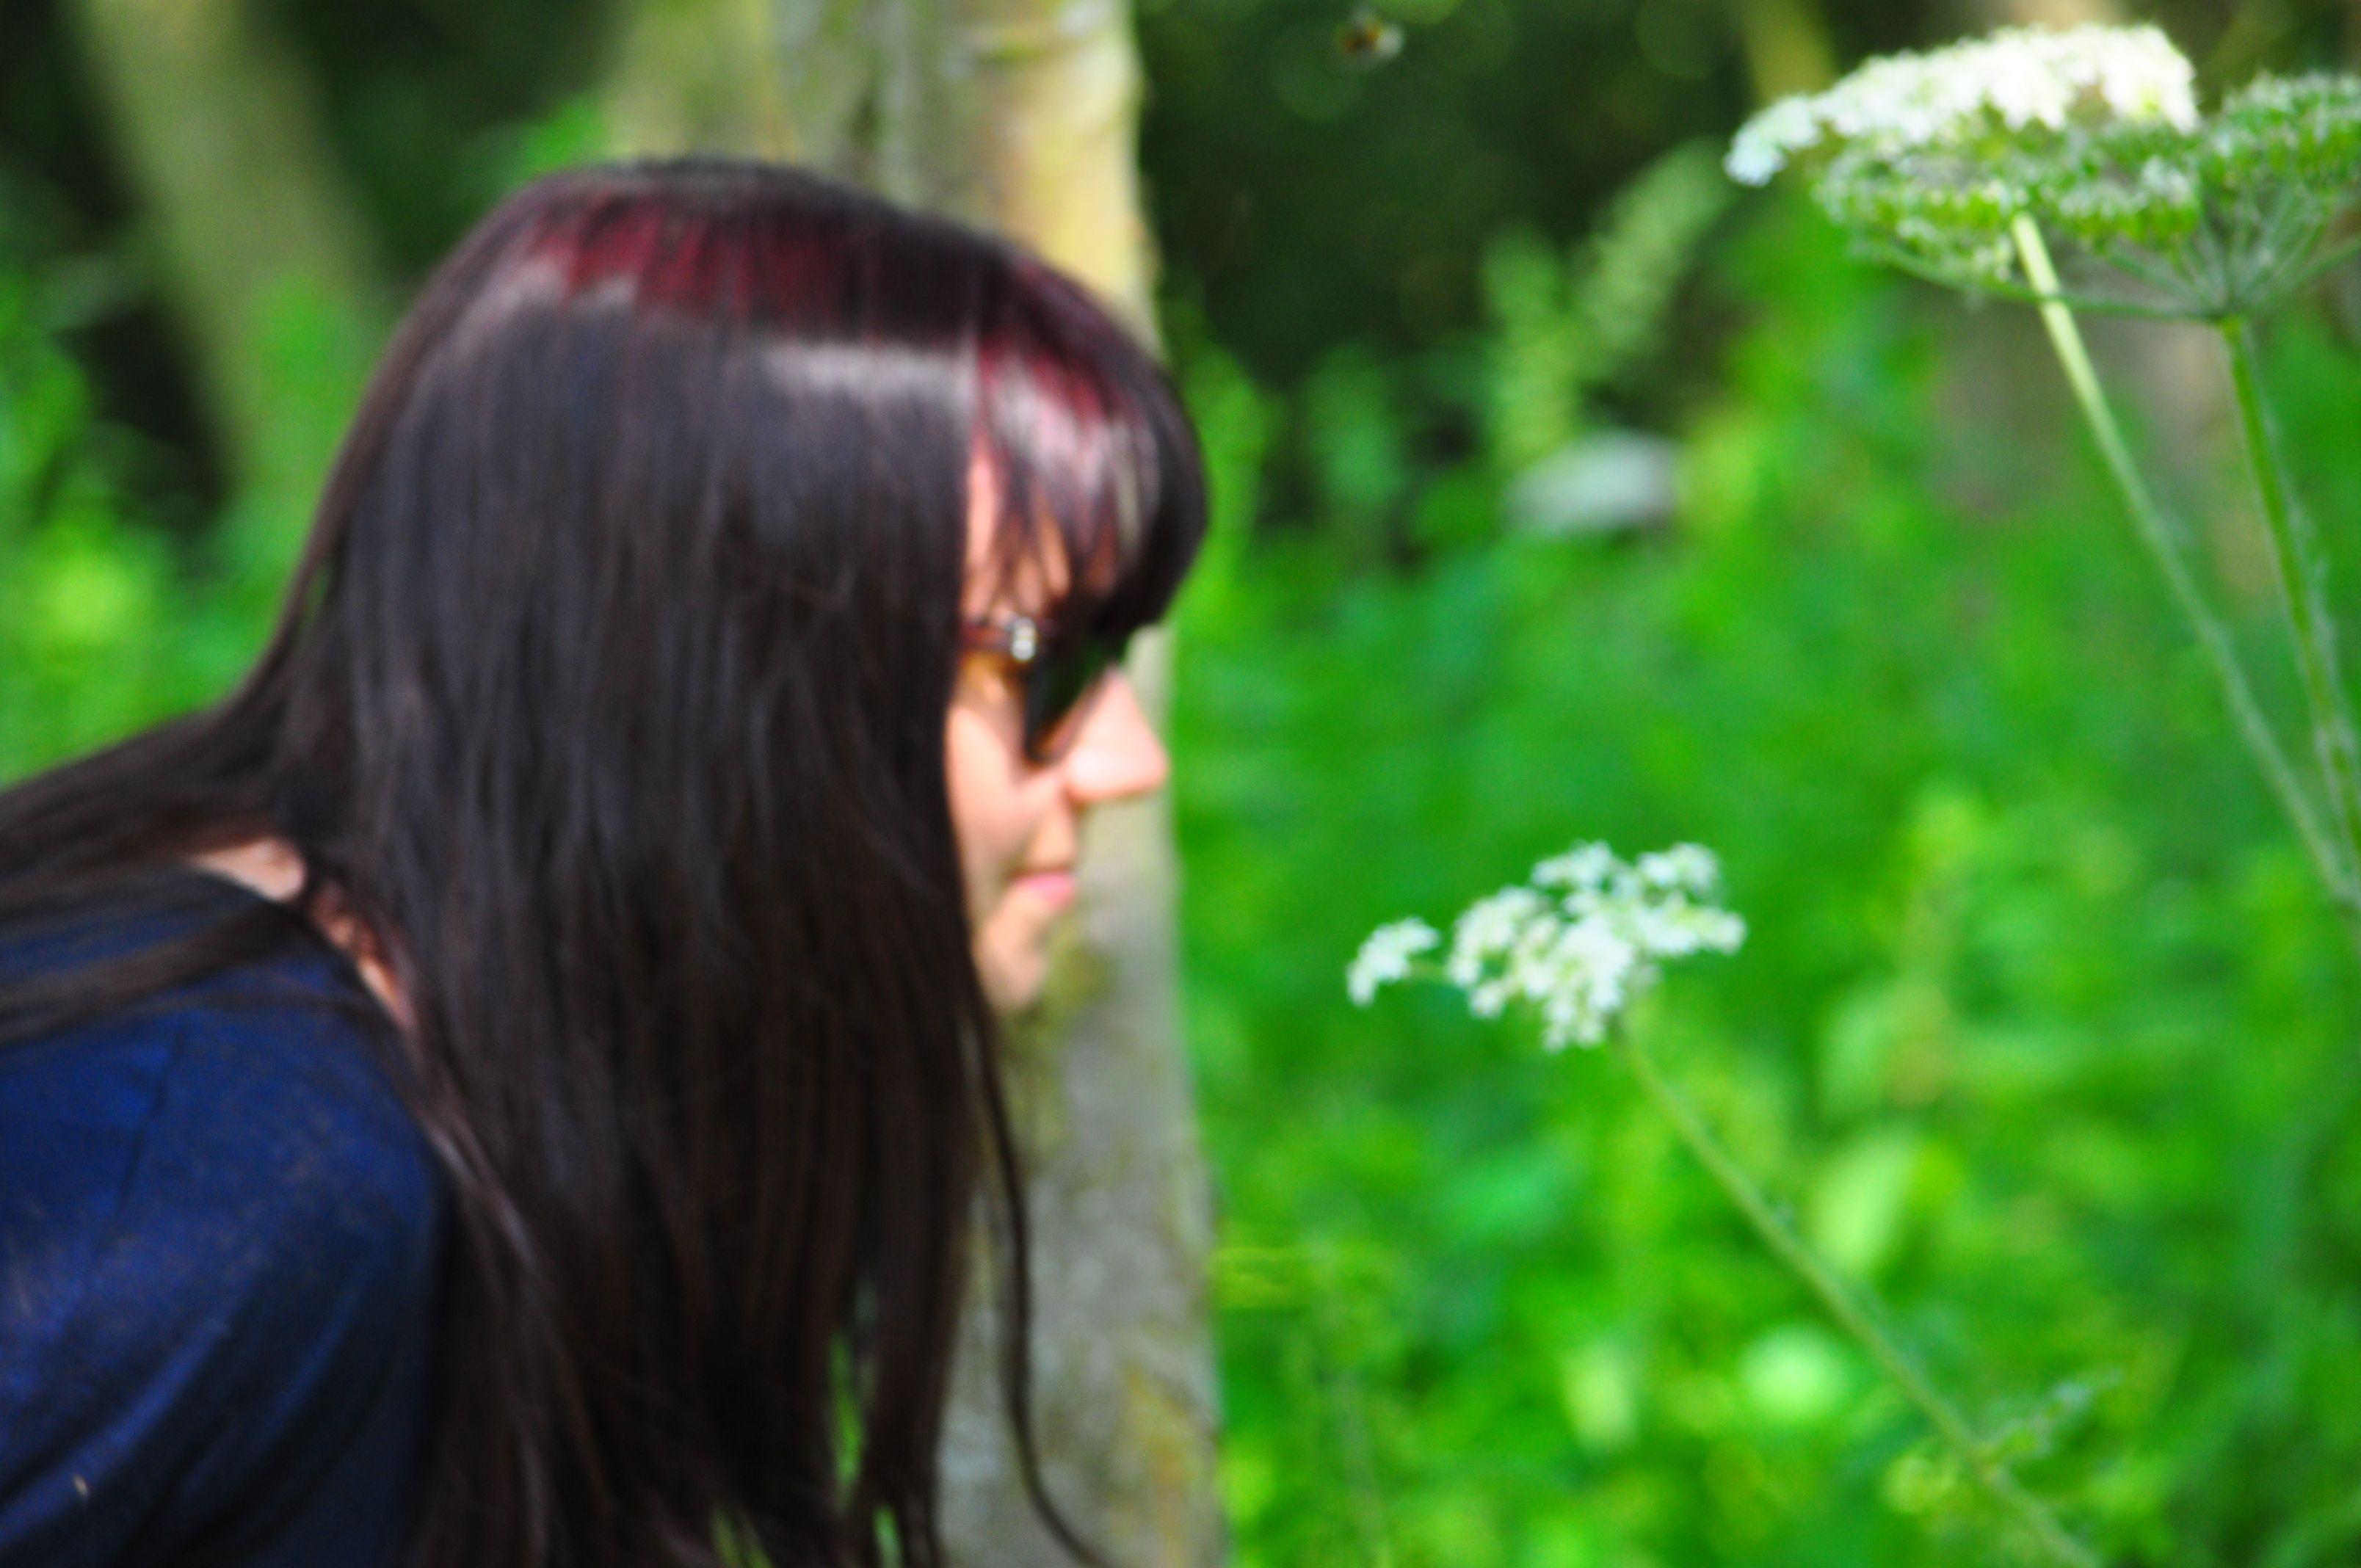 Exploring nature through our sense of smell long hair